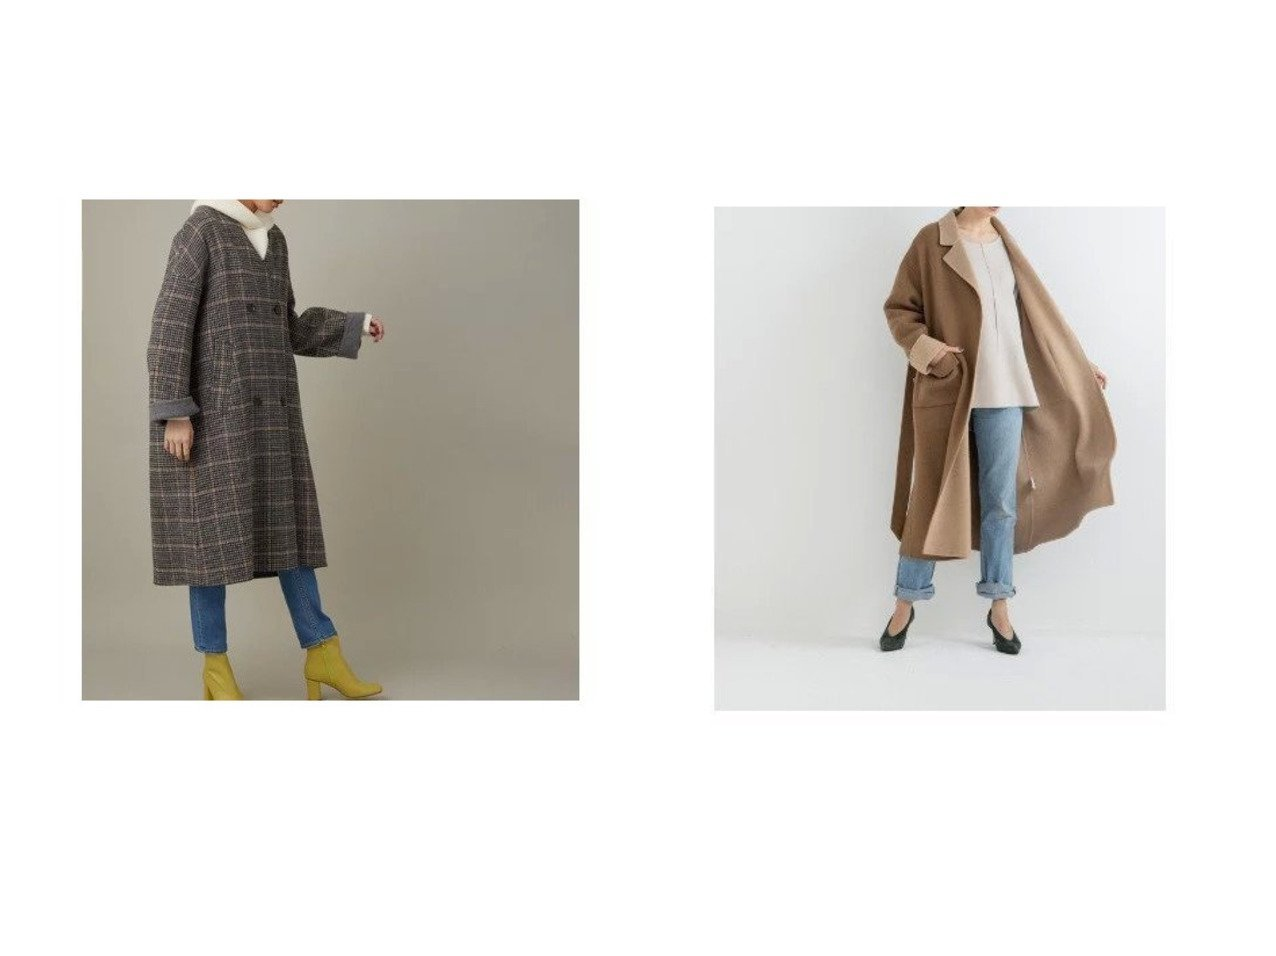 【STYLE BAR/スタイルバー】の【Emma Taylor】W FACE GOWN COAT&【Adam et Rope/アダム エ ロペ】のCHECKビーバーリバーコート アウターのおすすめ!人気、レディースファッションの通販  おすすめで人気のファッション通販商品 インテリア・家具・キッズファッション・メンズファッション・レディースファッション・服の通販 founy(ファニー) https://founy.com/ ファッション Fashion レディース WOMEN アウター Coat Outerwear コート Coats インナー シンプル タートルネック チェック ポケット 無地 秋冬 A/W Autumn/ Winter ガウン 今季 デニム トレンド フェミニン プリーツ |ID:crp329100000002348